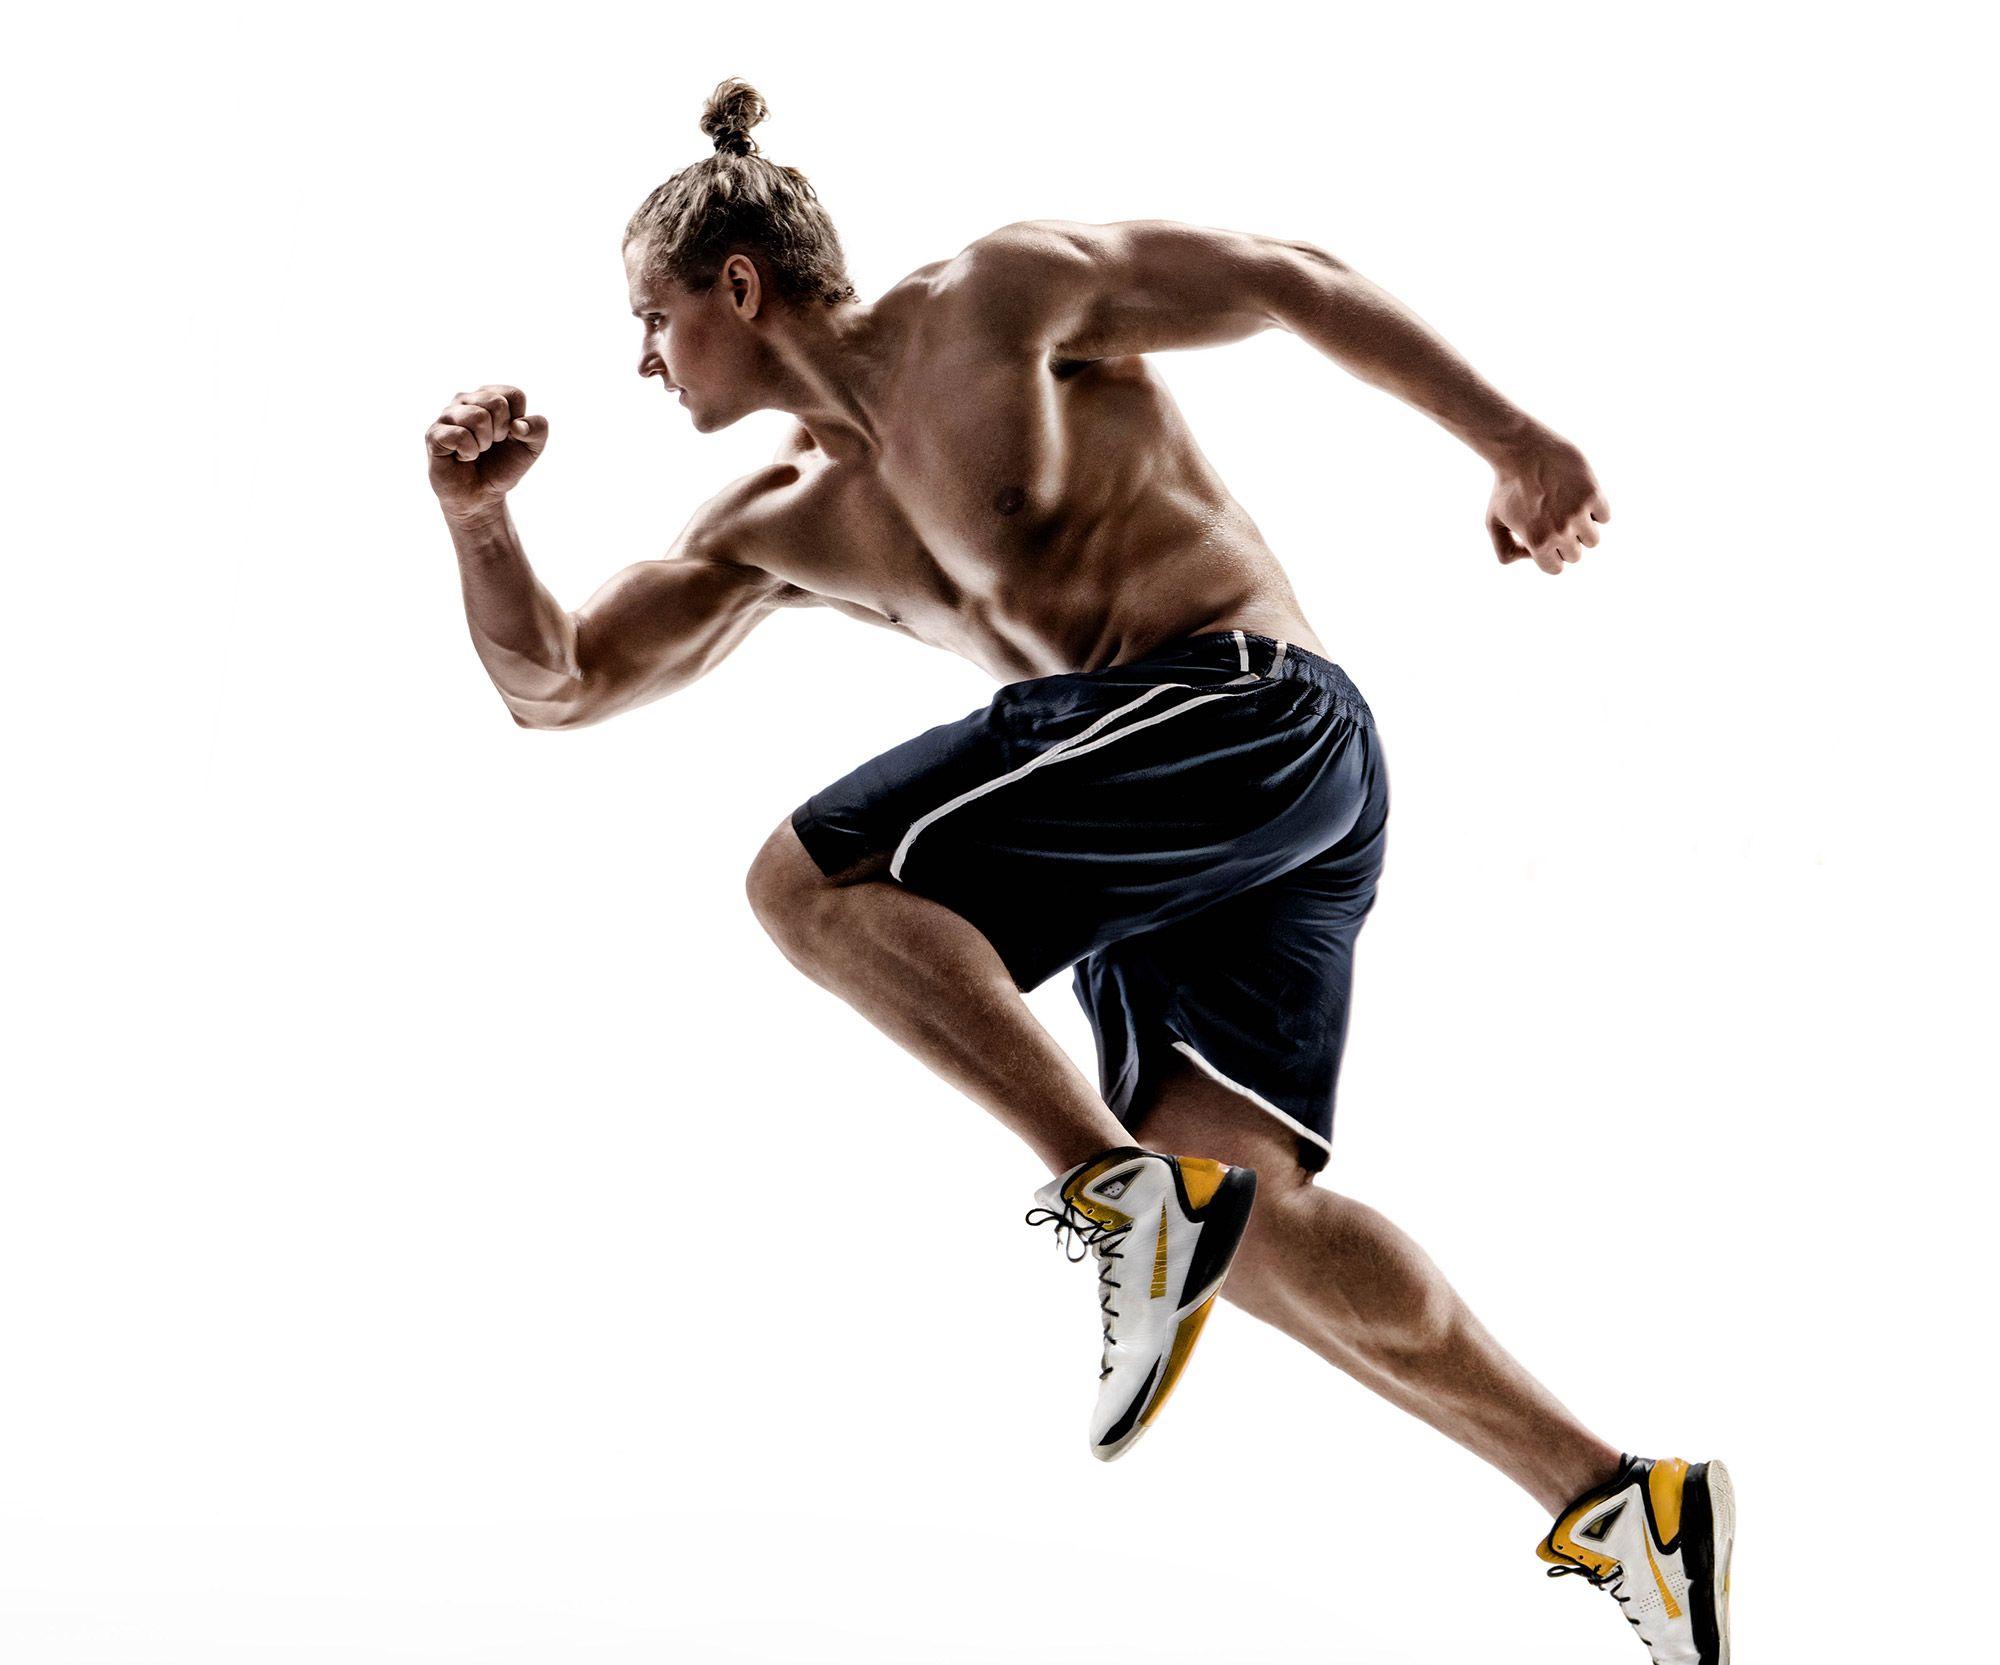 Musclex